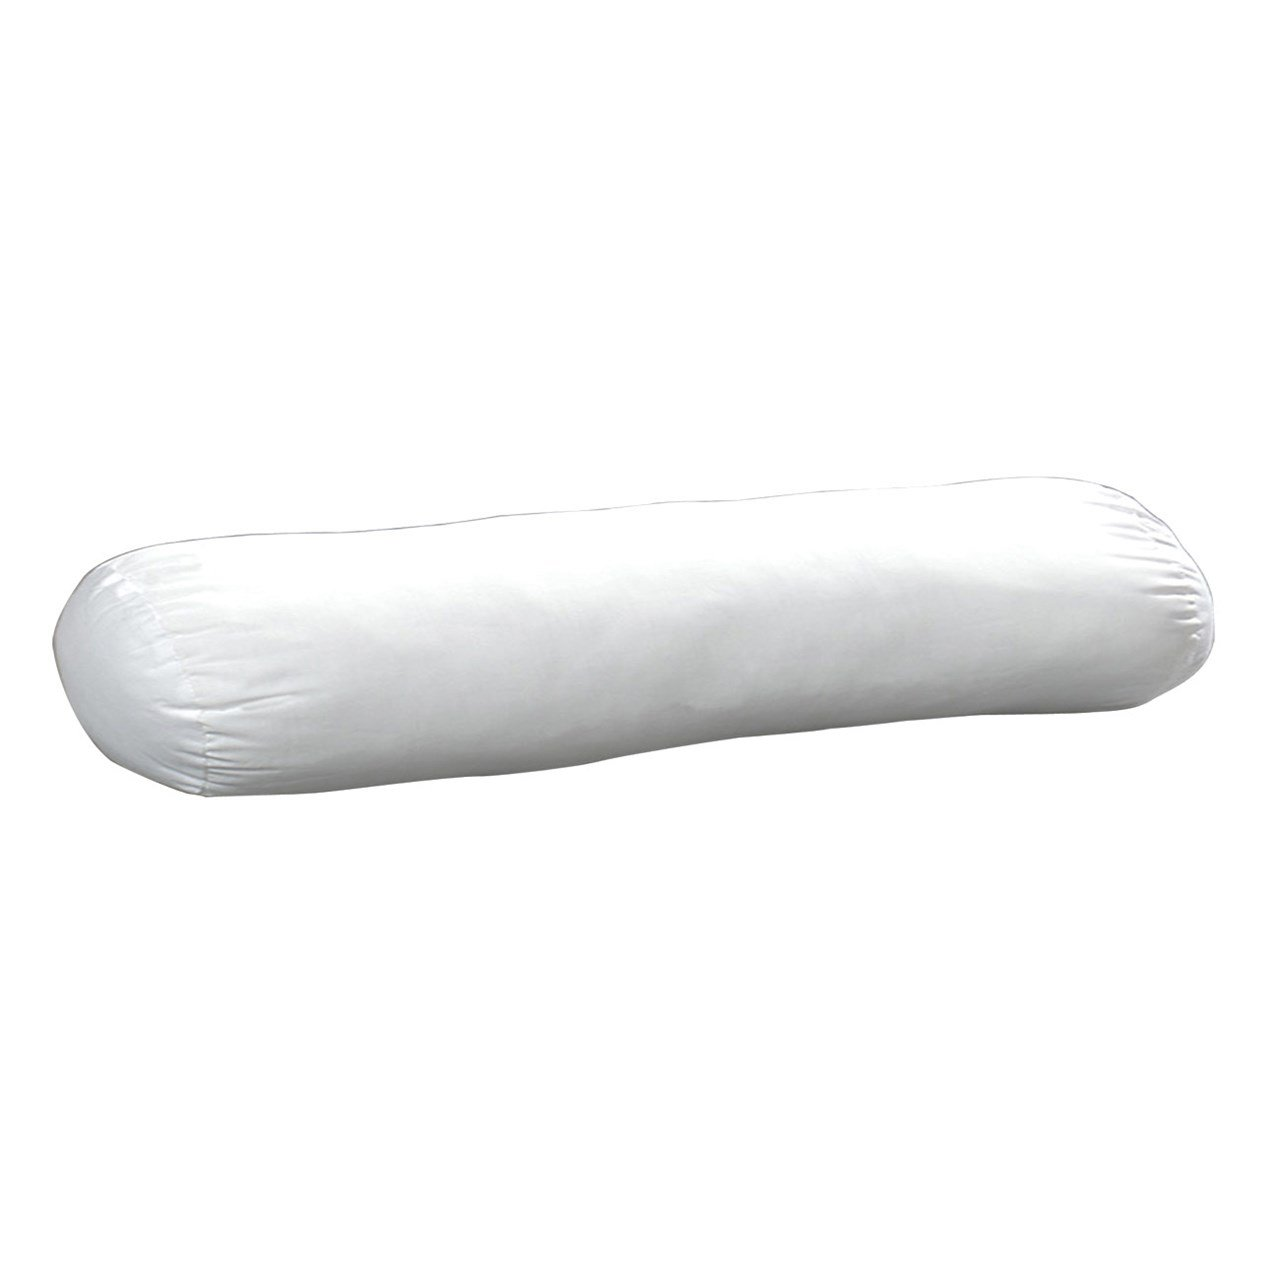 早割クーポン! SRBP脊椎リリーバースタンダード抱き枕 B000ABDE52 B000ABDE52, 近江町北形青果:51562980 --- a0267596.xsph.ru